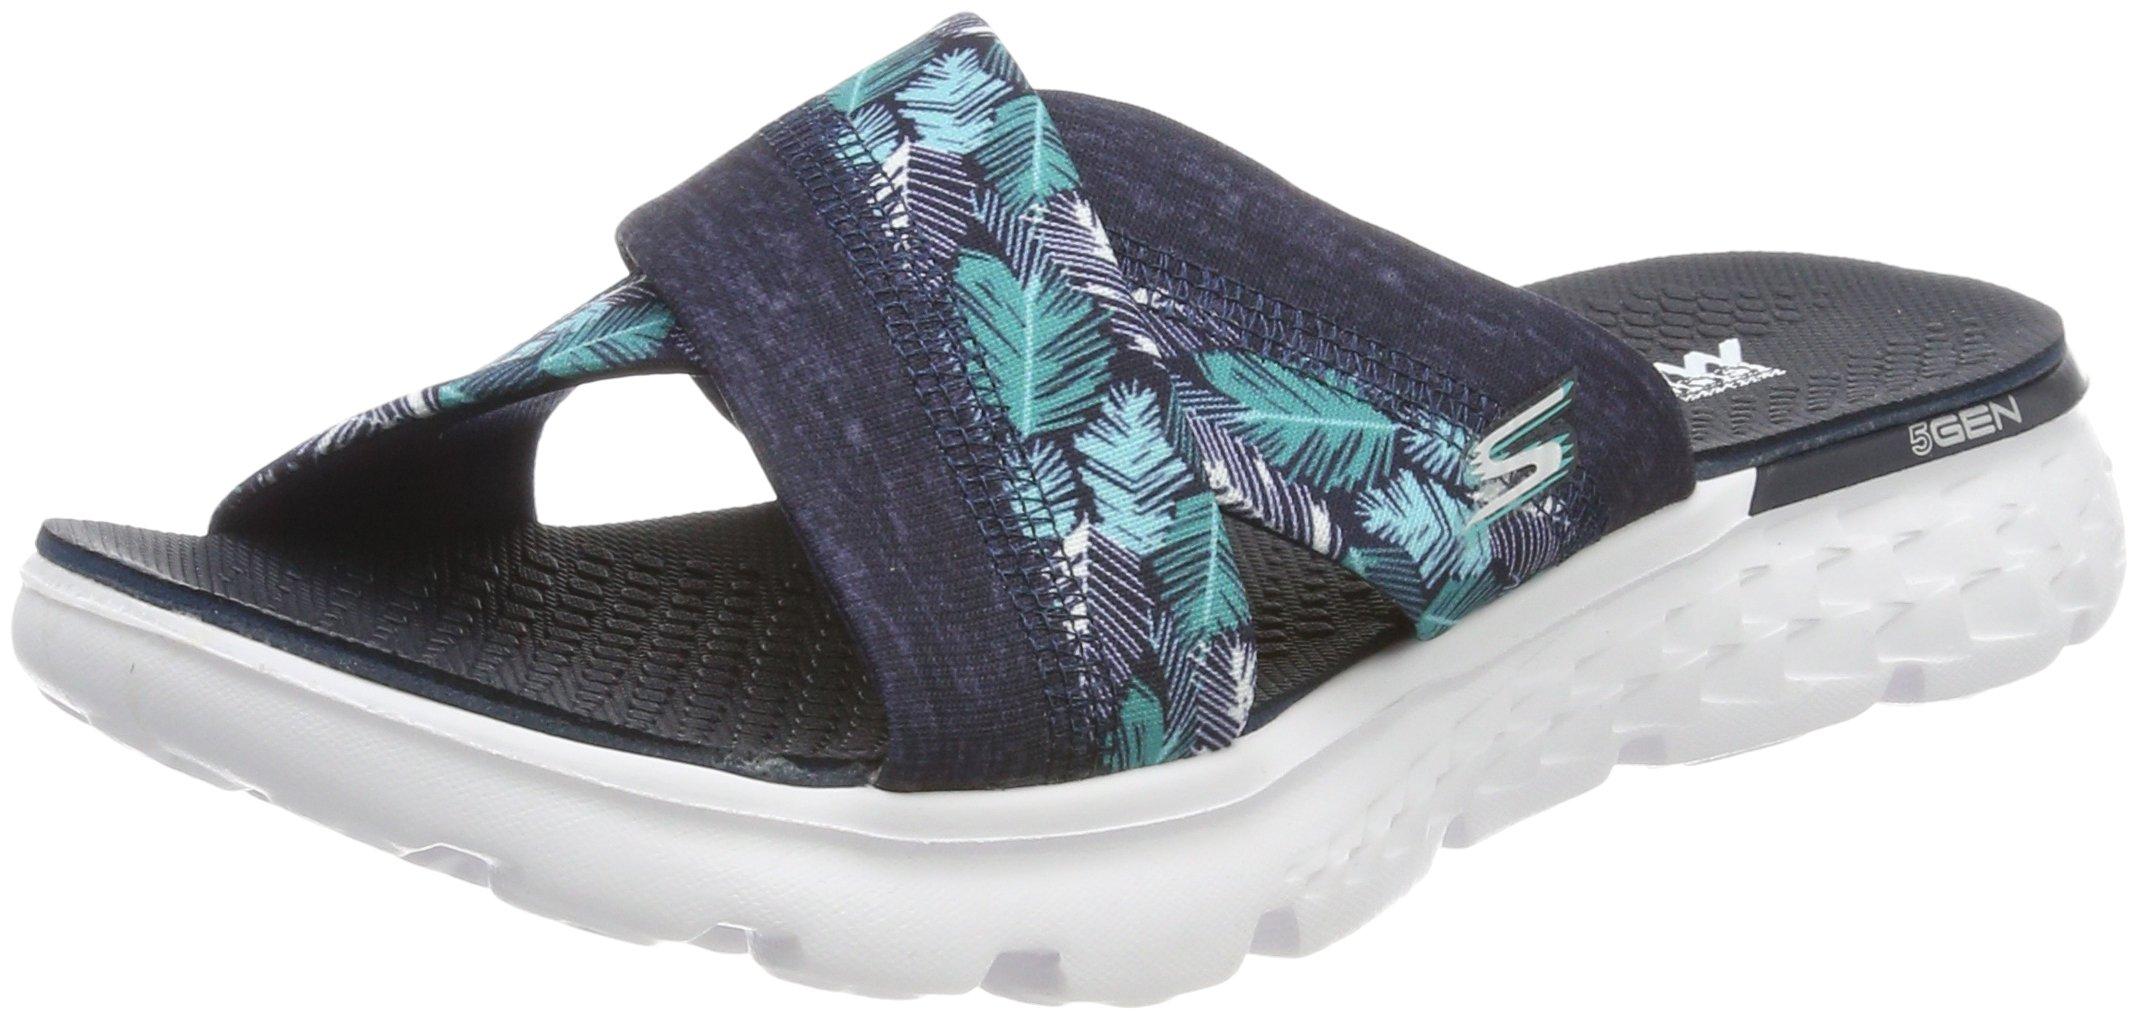 680d768ec76af Best Rated in Women's Sandals & Slides & Helpful Customer Reviews ...